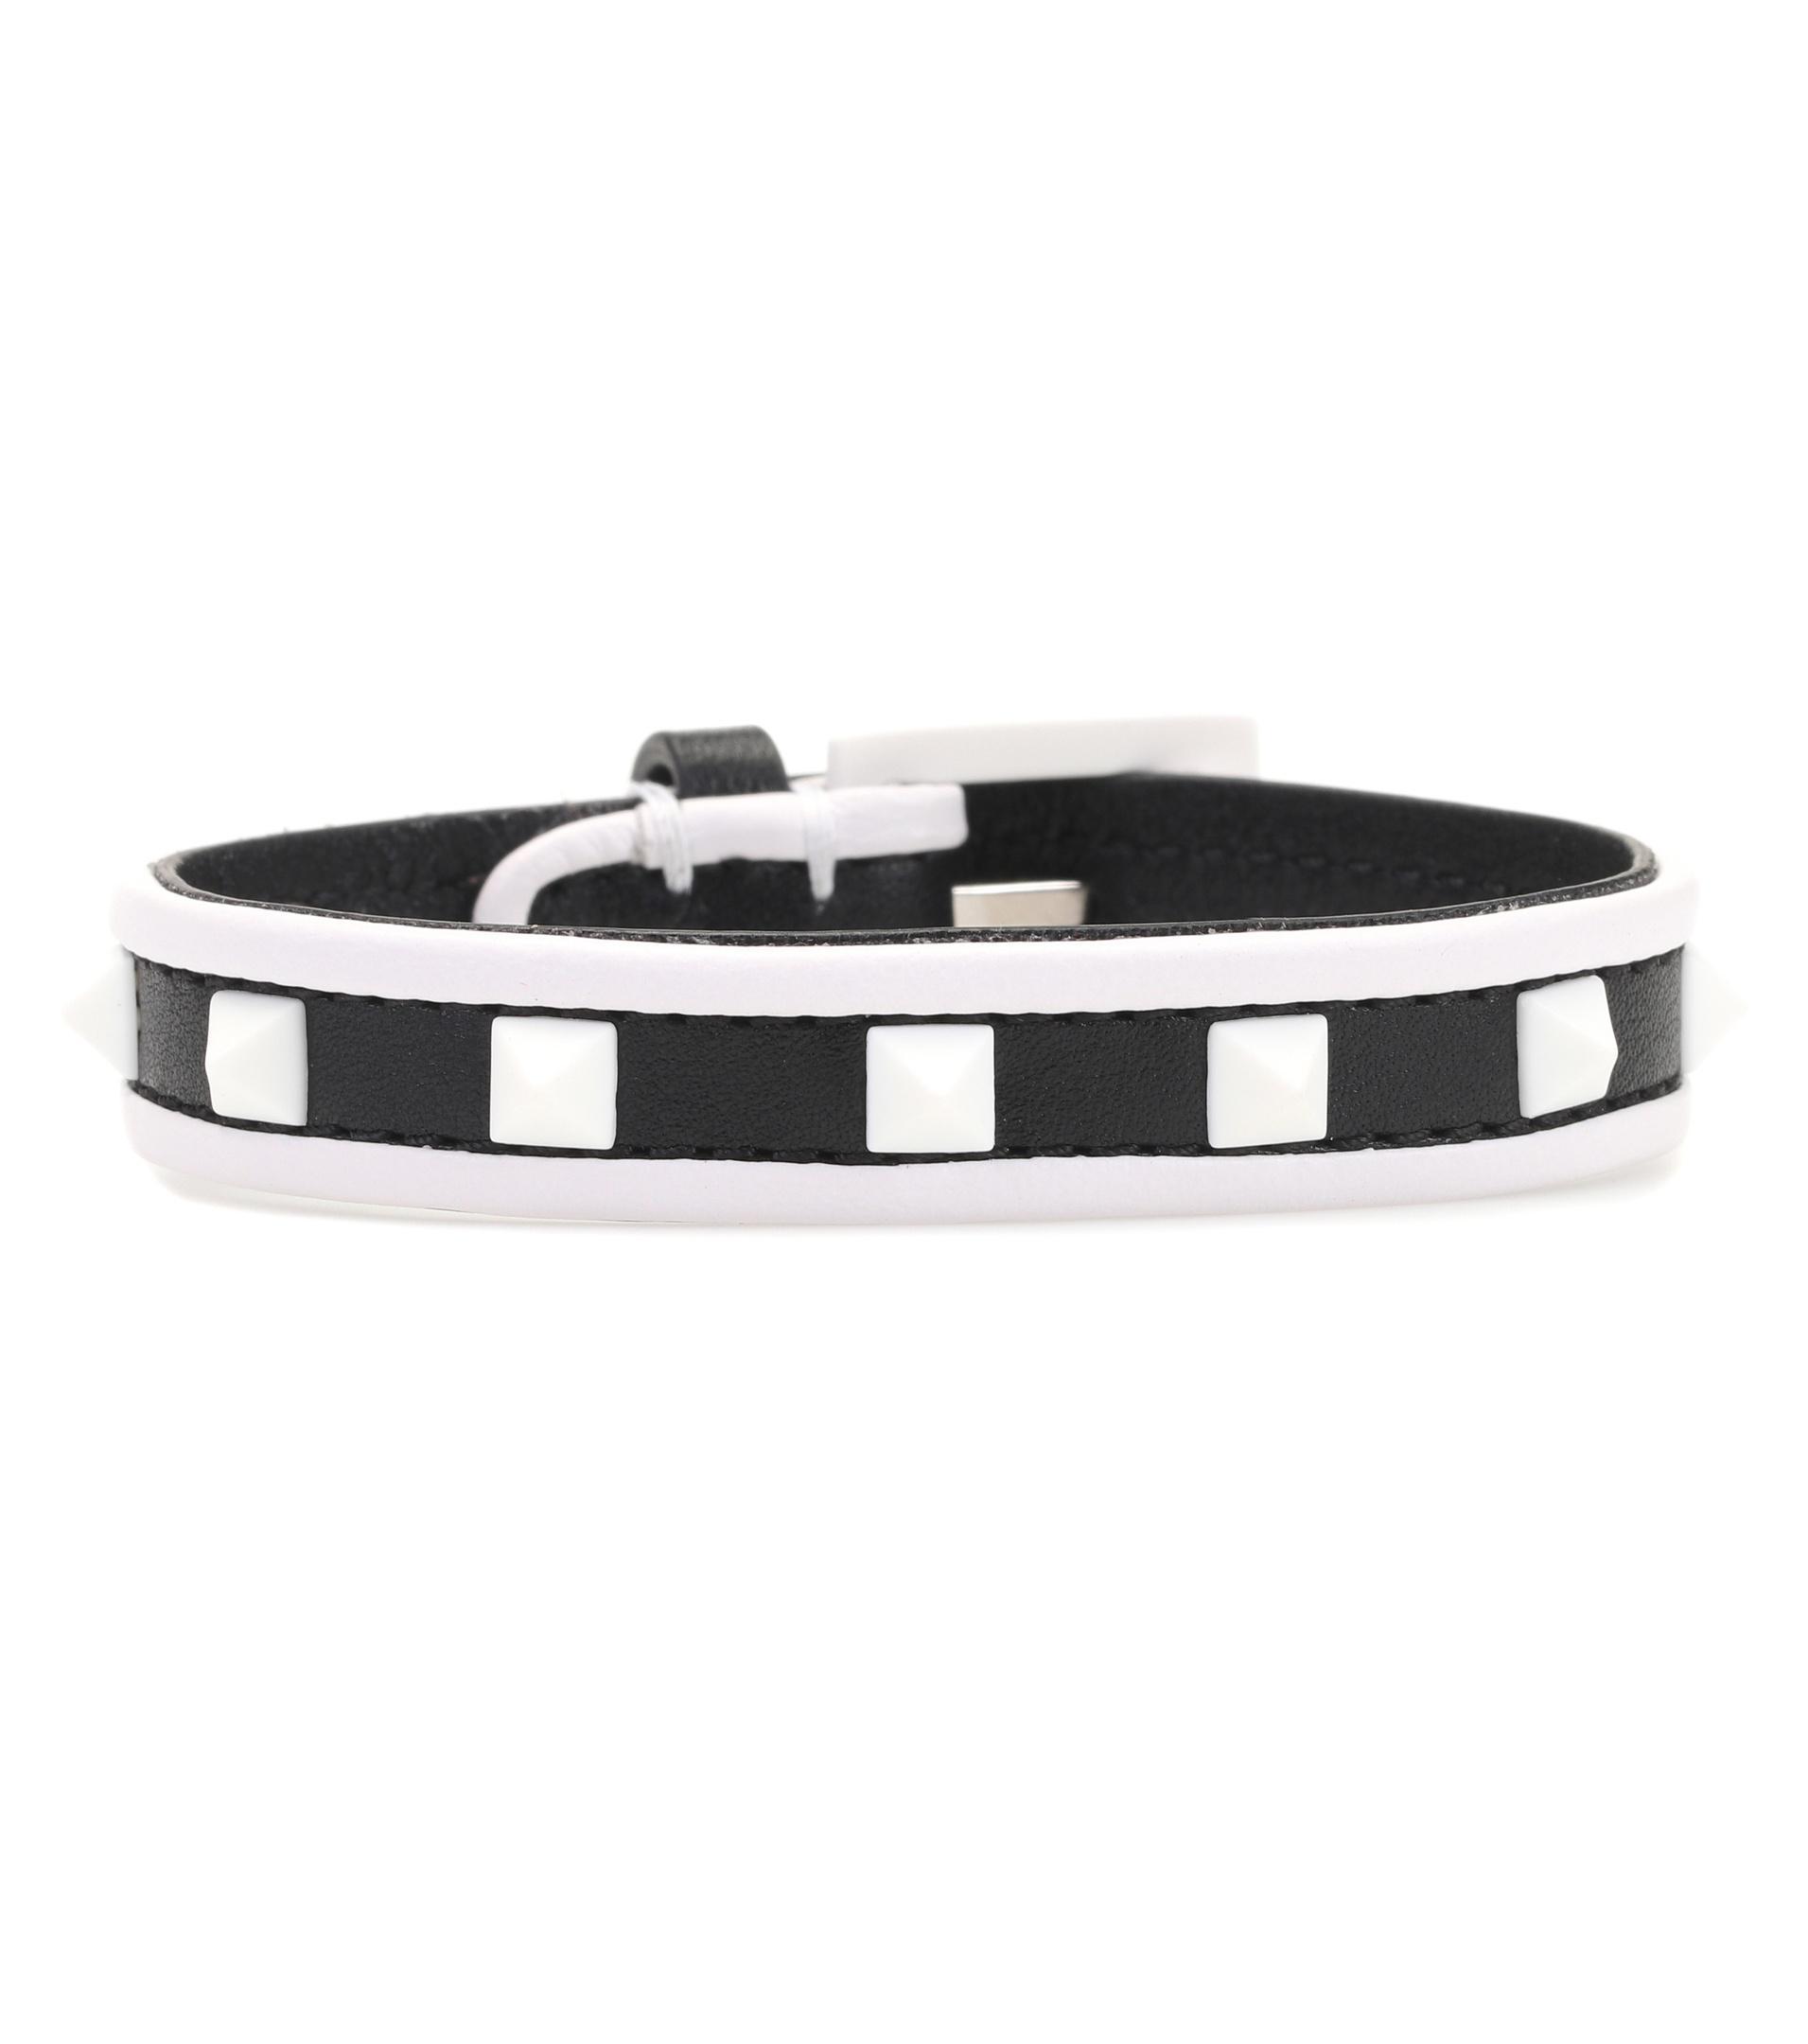 f2f1f8a8cb2e Valentino Garavani The Rockstud Leather And Silver-tone Bracelet - Black  Valentino